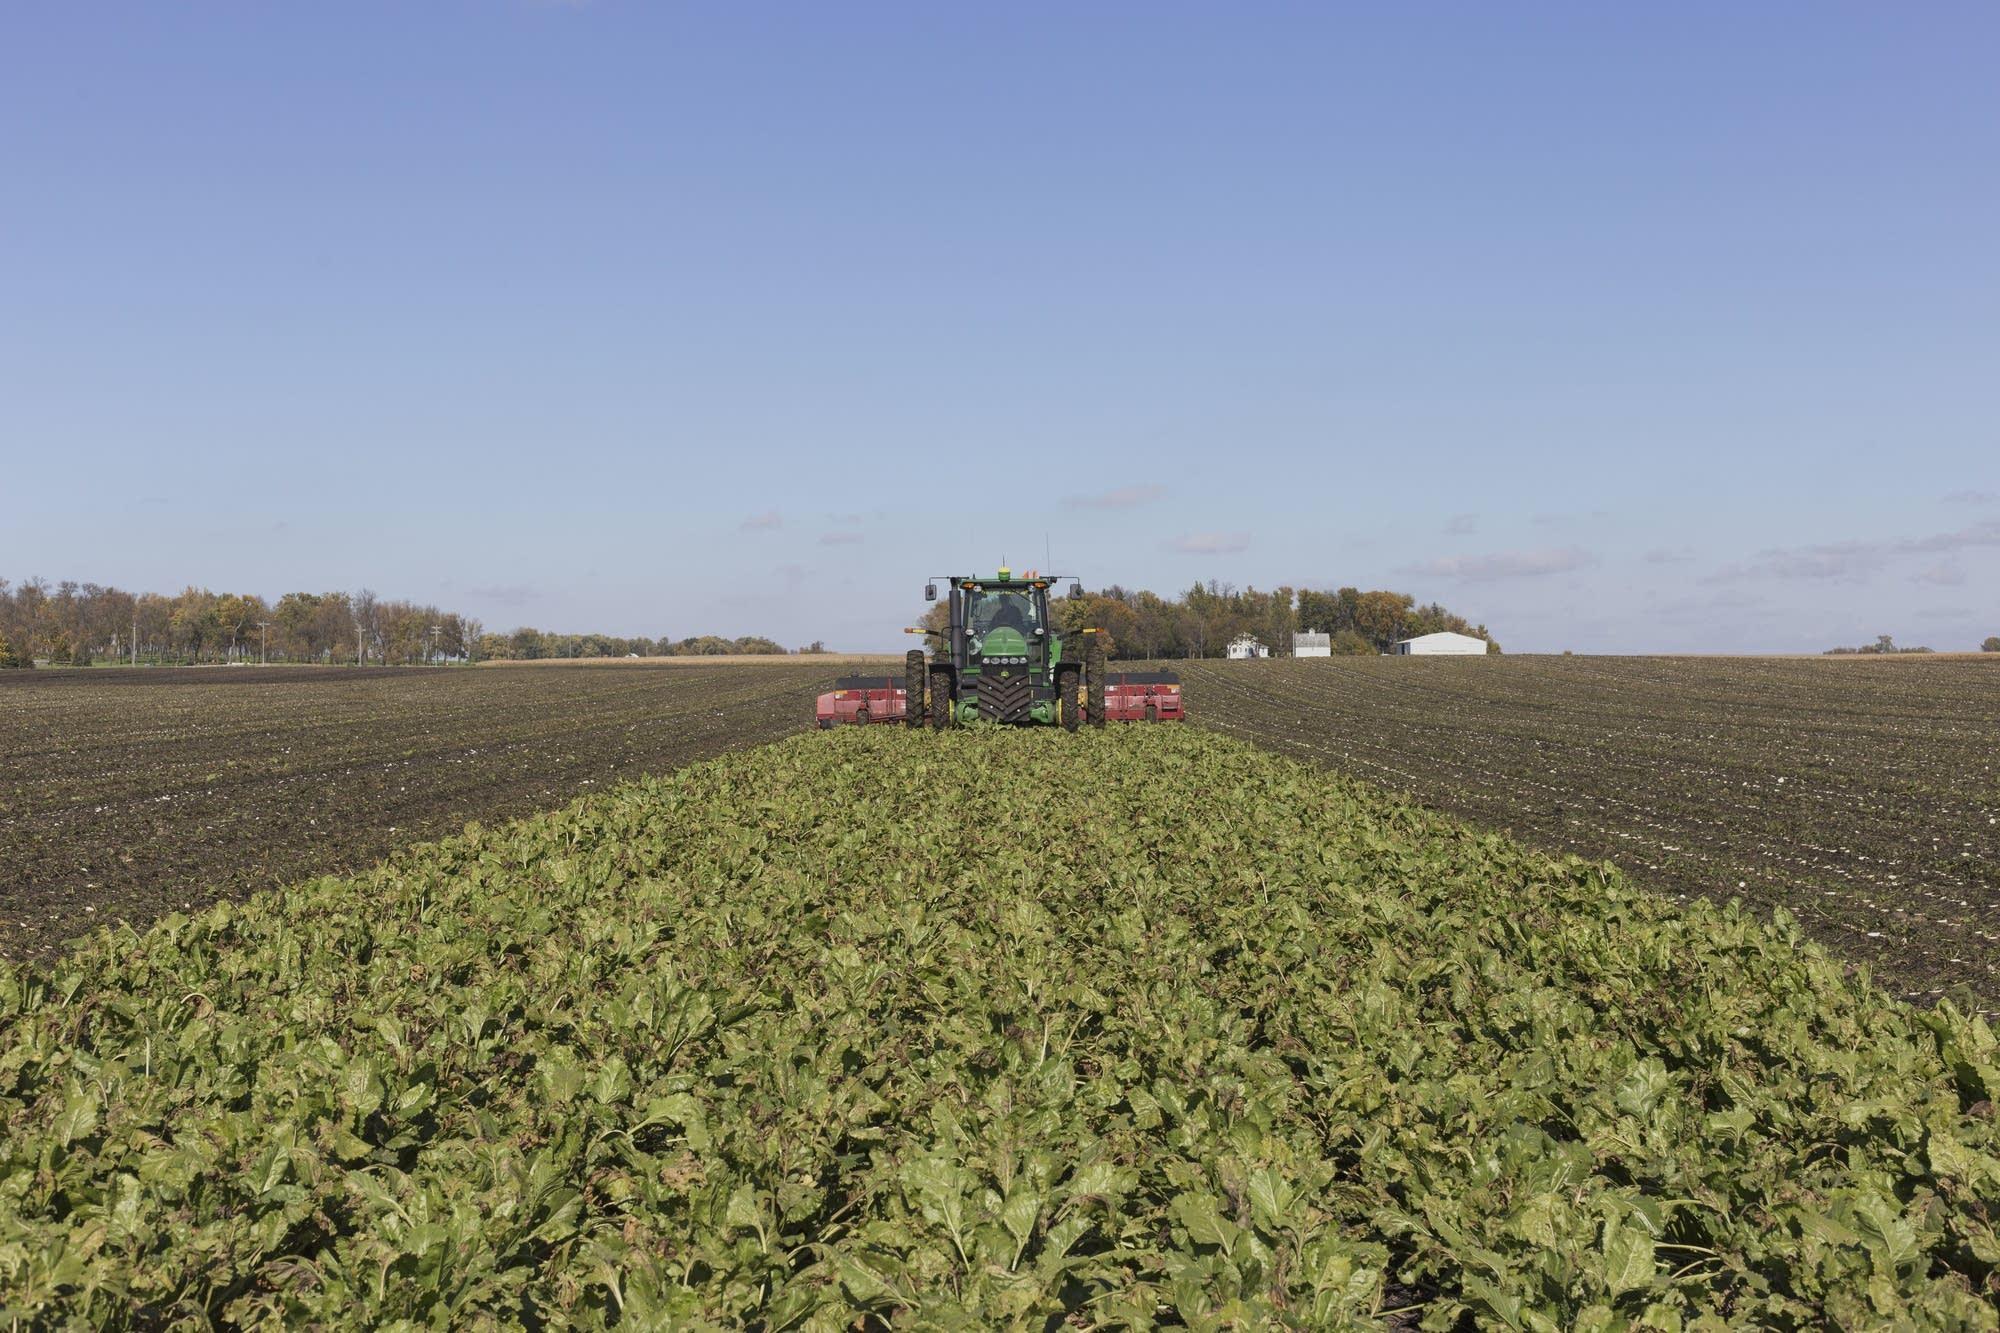 Brian Ryberg harvests sugar beets at his farm in Hector, Minn.